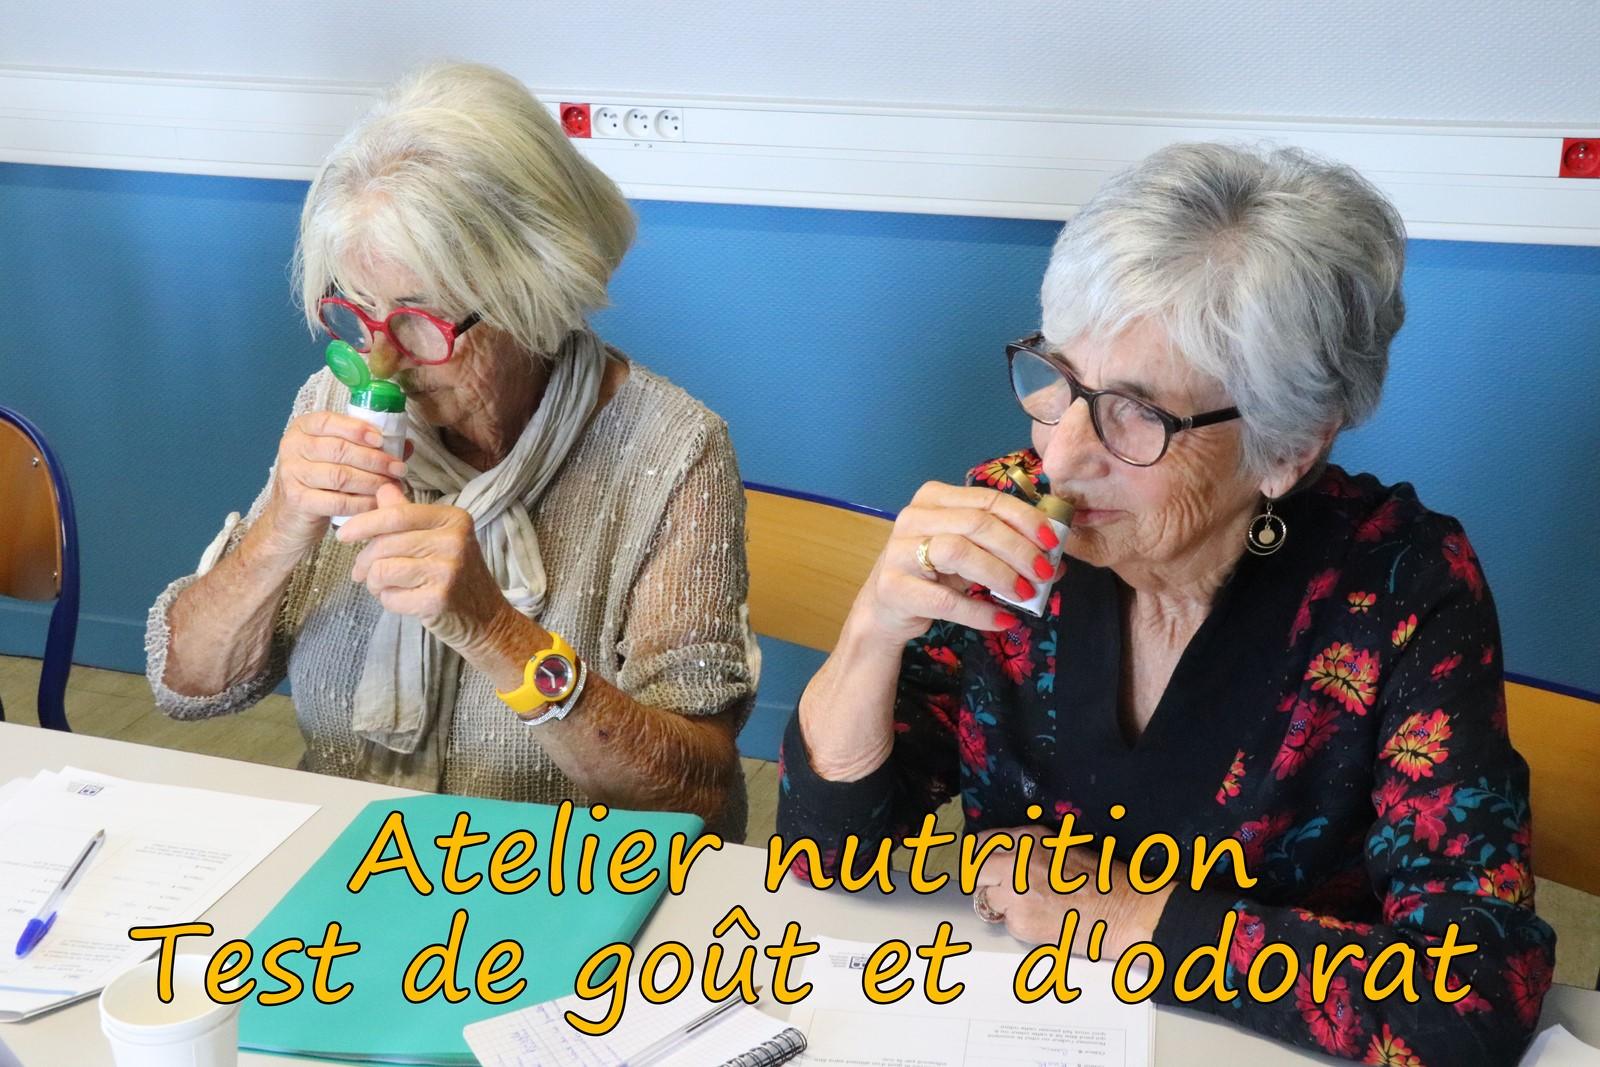 Atelier-Nutrition-Test-de-gout-et-dodorat